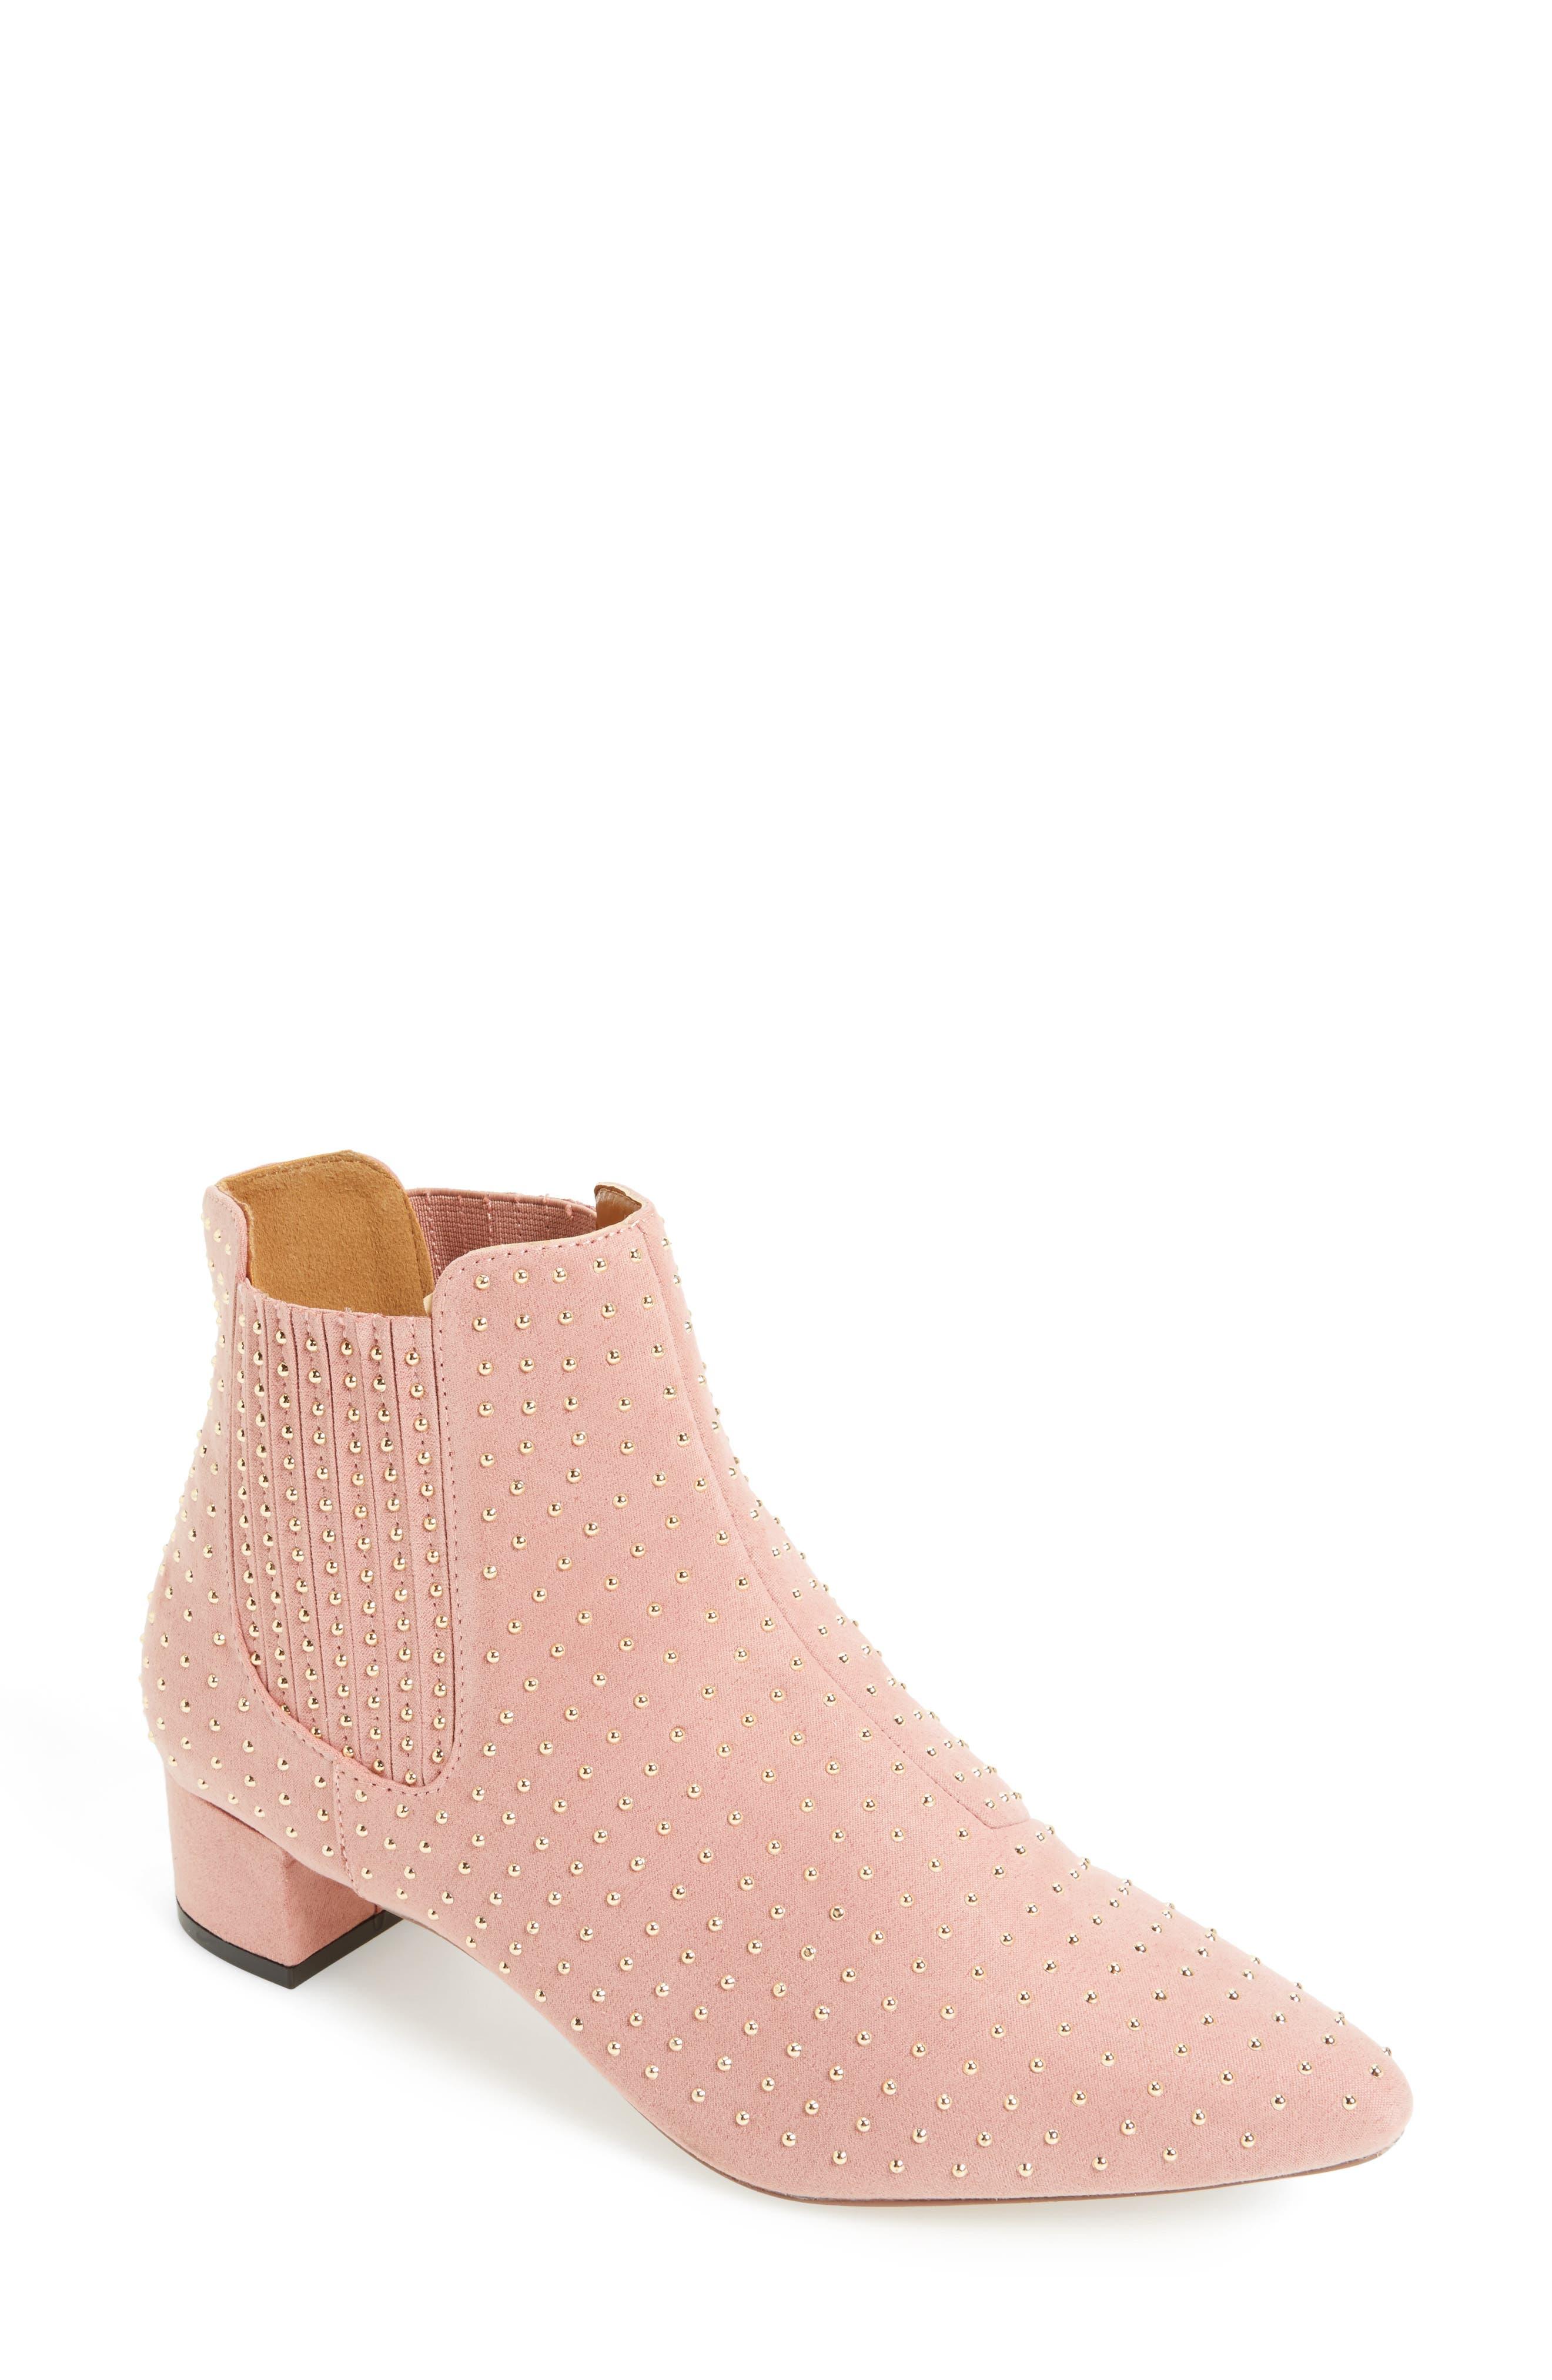 Alternate Image 1 Selected - Topshop Killer Studded Chelsea Boot (Women)